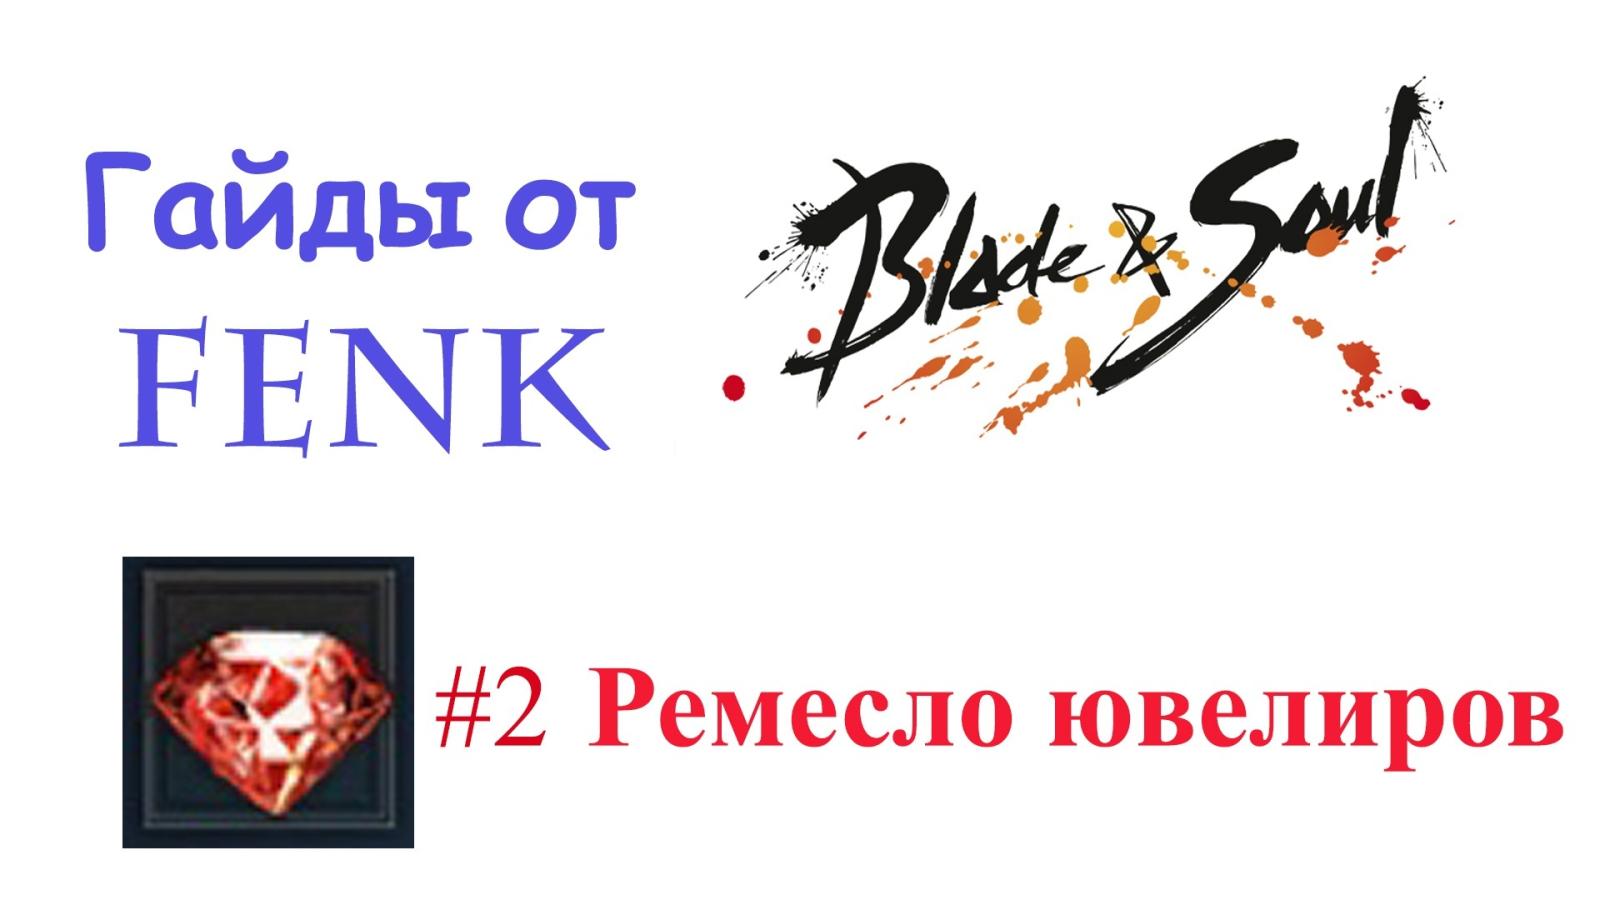 Blade & Soul - ремесло (крафт) ювелиров - обзор